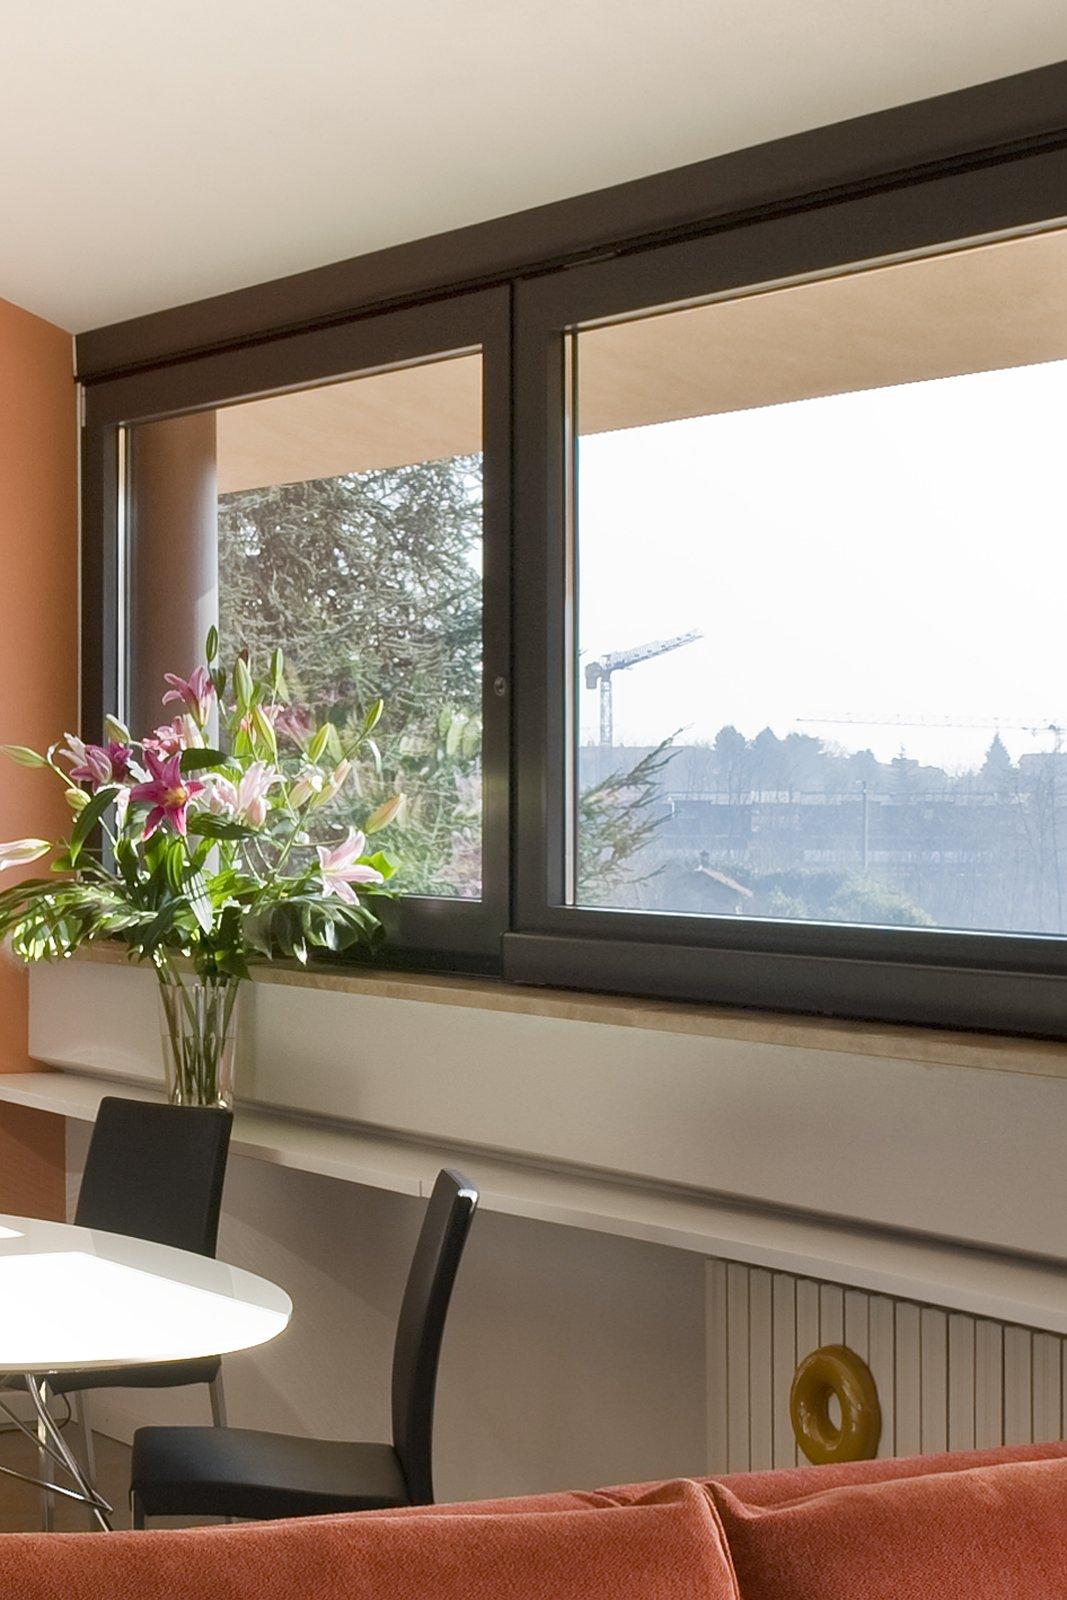 Casa in mansarda con le soluzioni giuste per gli spazi bassi cose di casa - La casa con le finestre che ridono ...